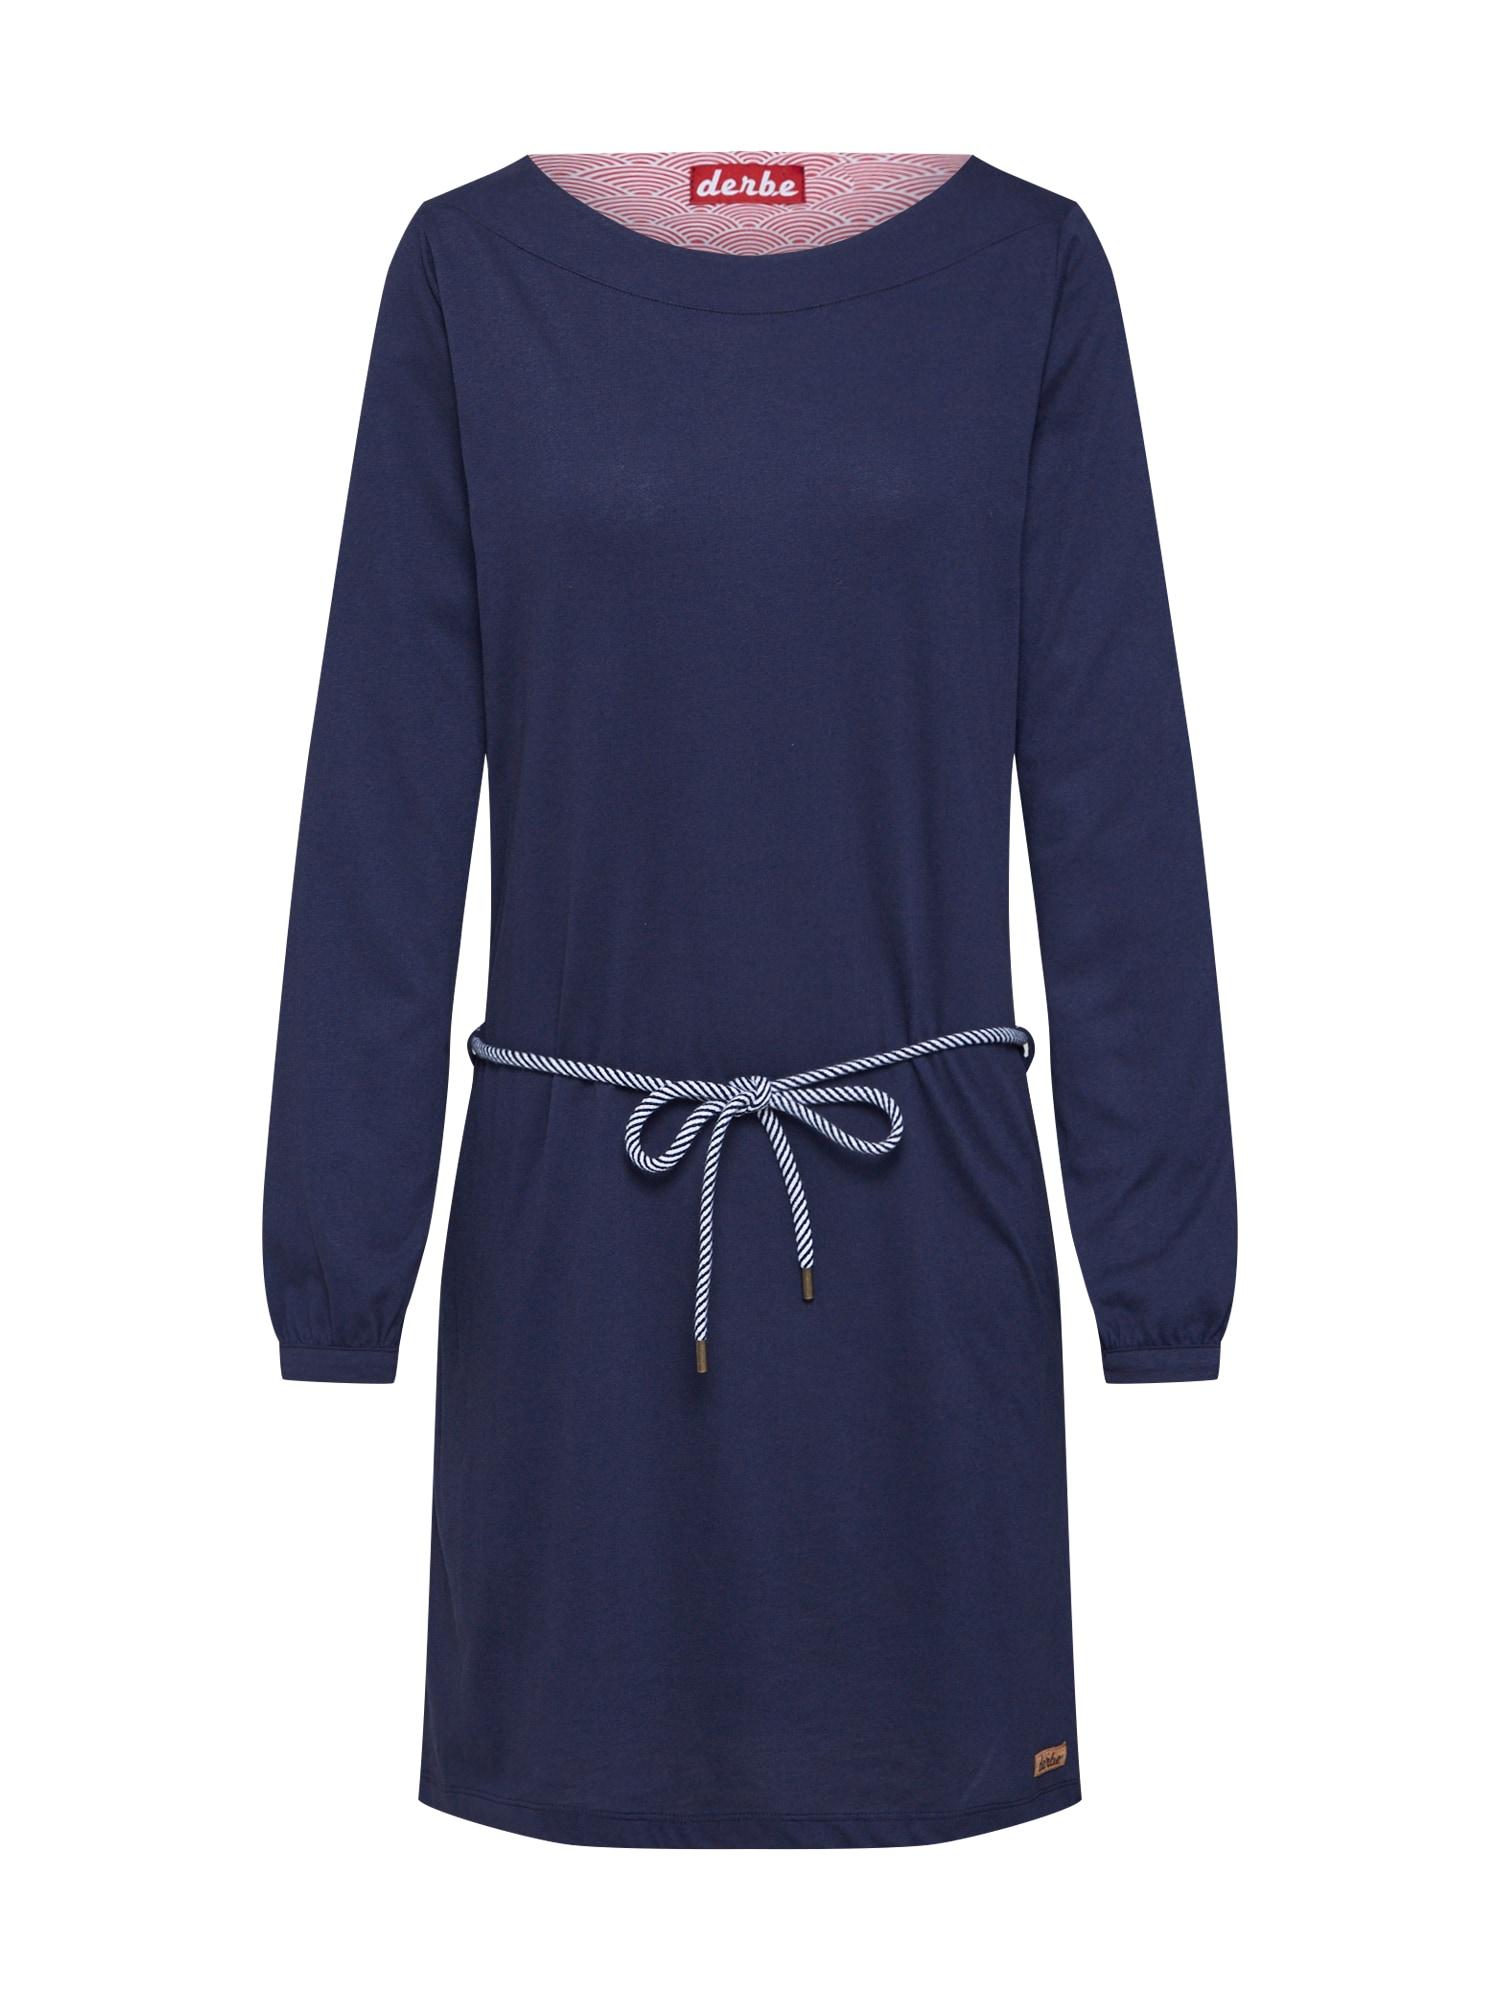 Šaty Marilyn DRESS námořnická modř Derbe